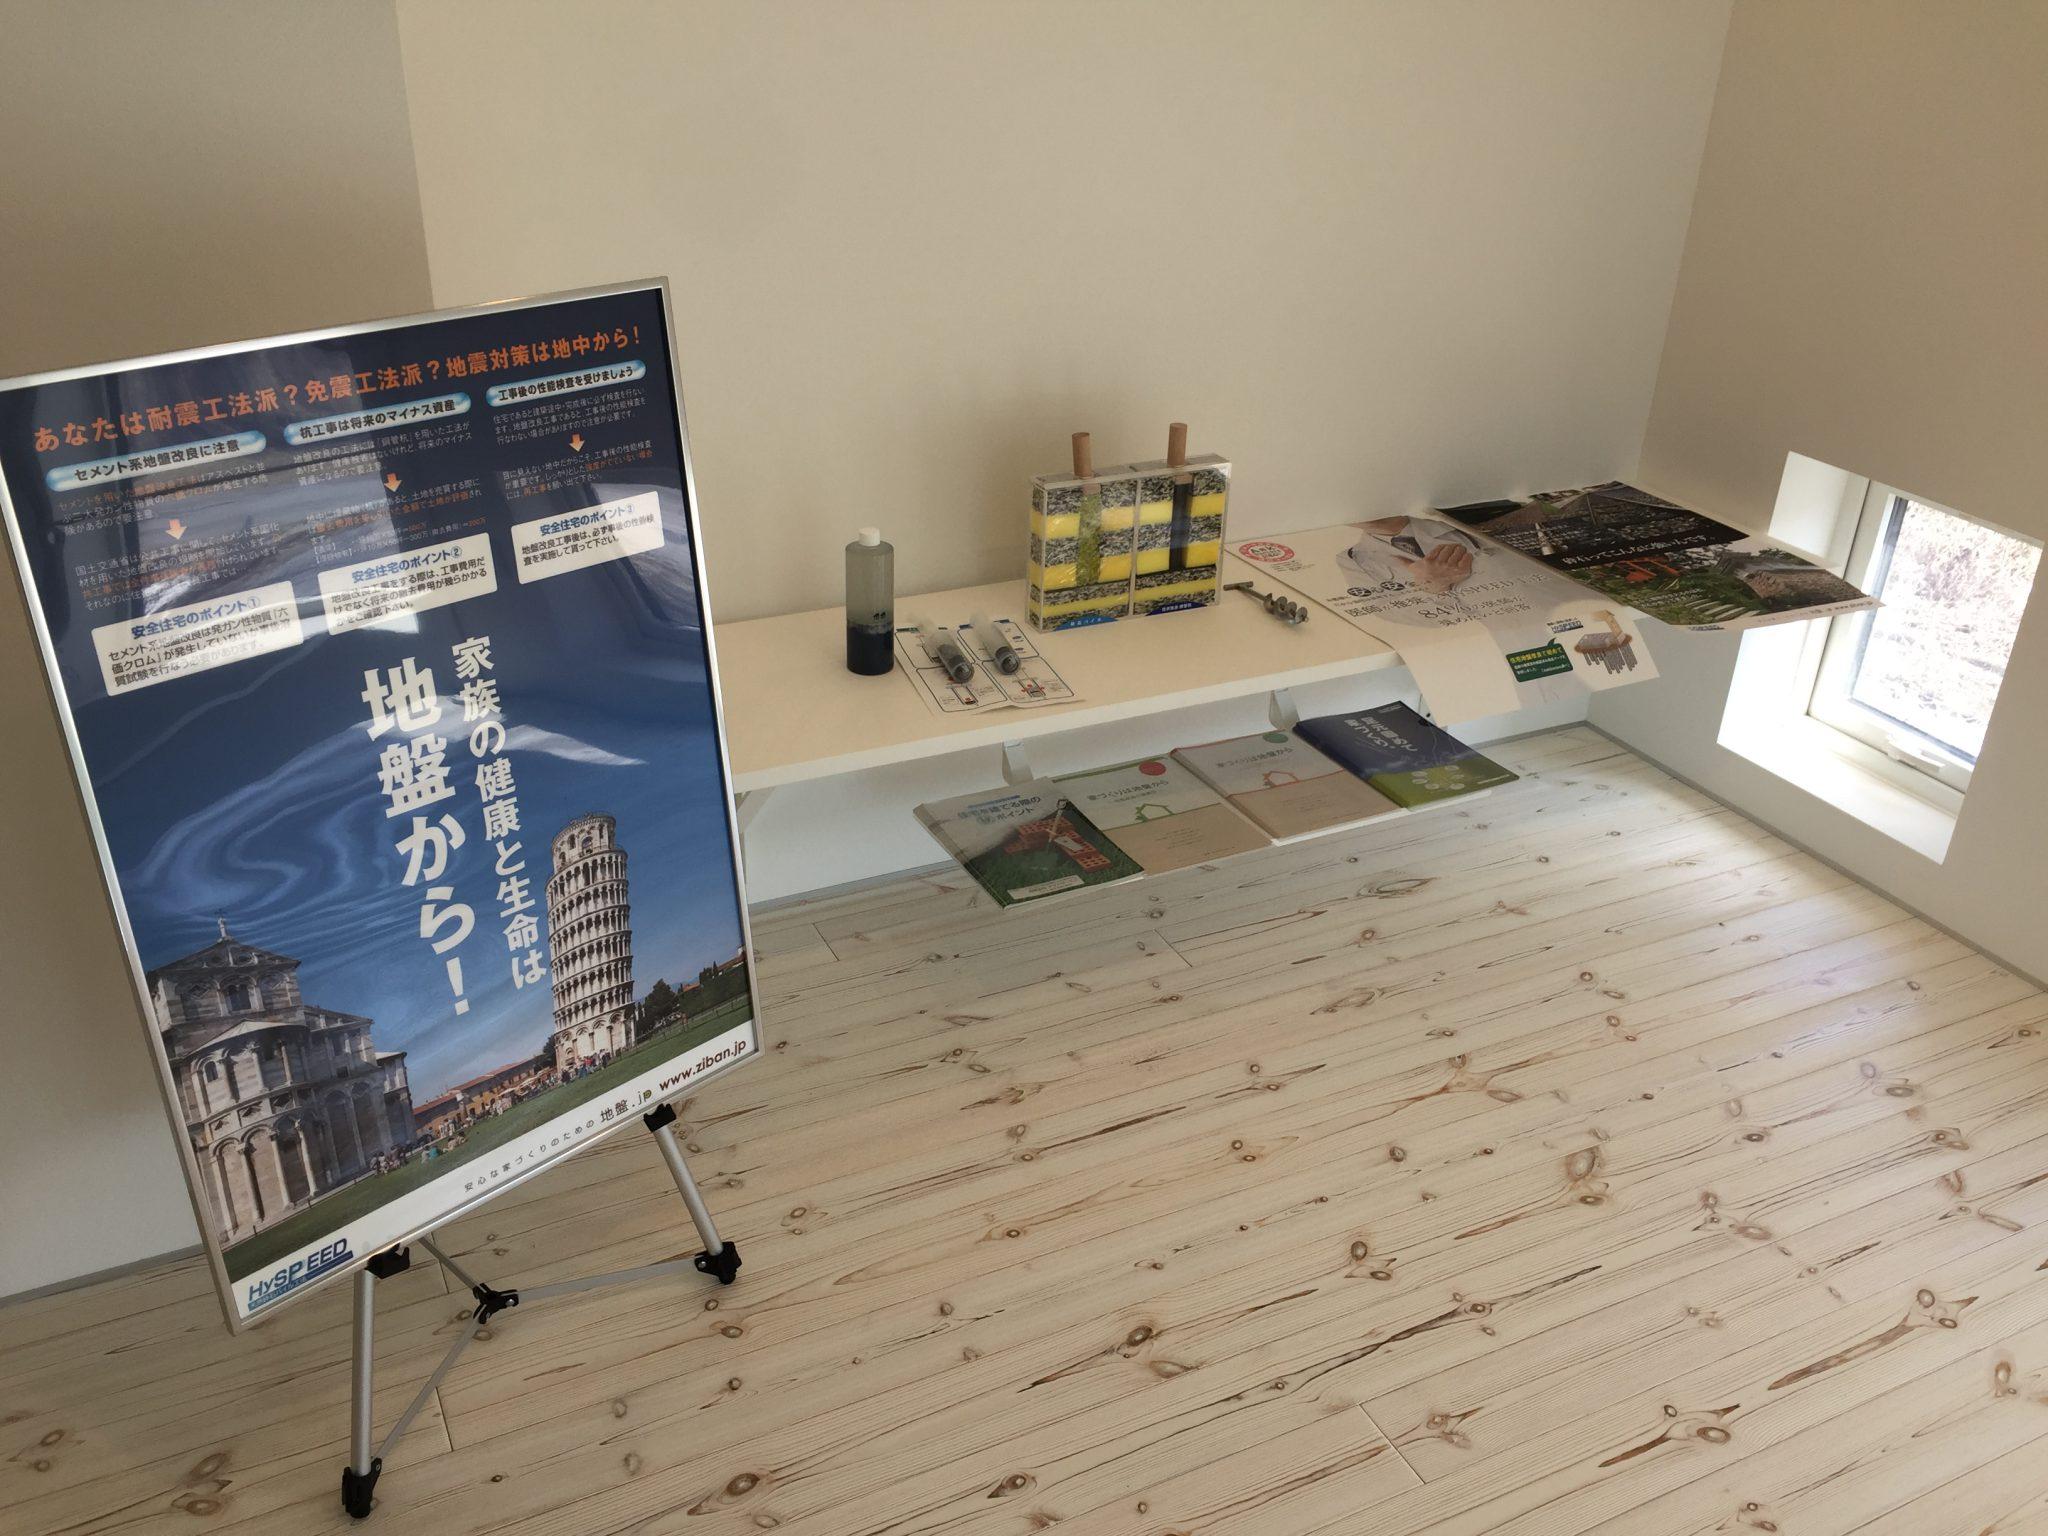 住宅完成見学会の地盤展示のお知らせ